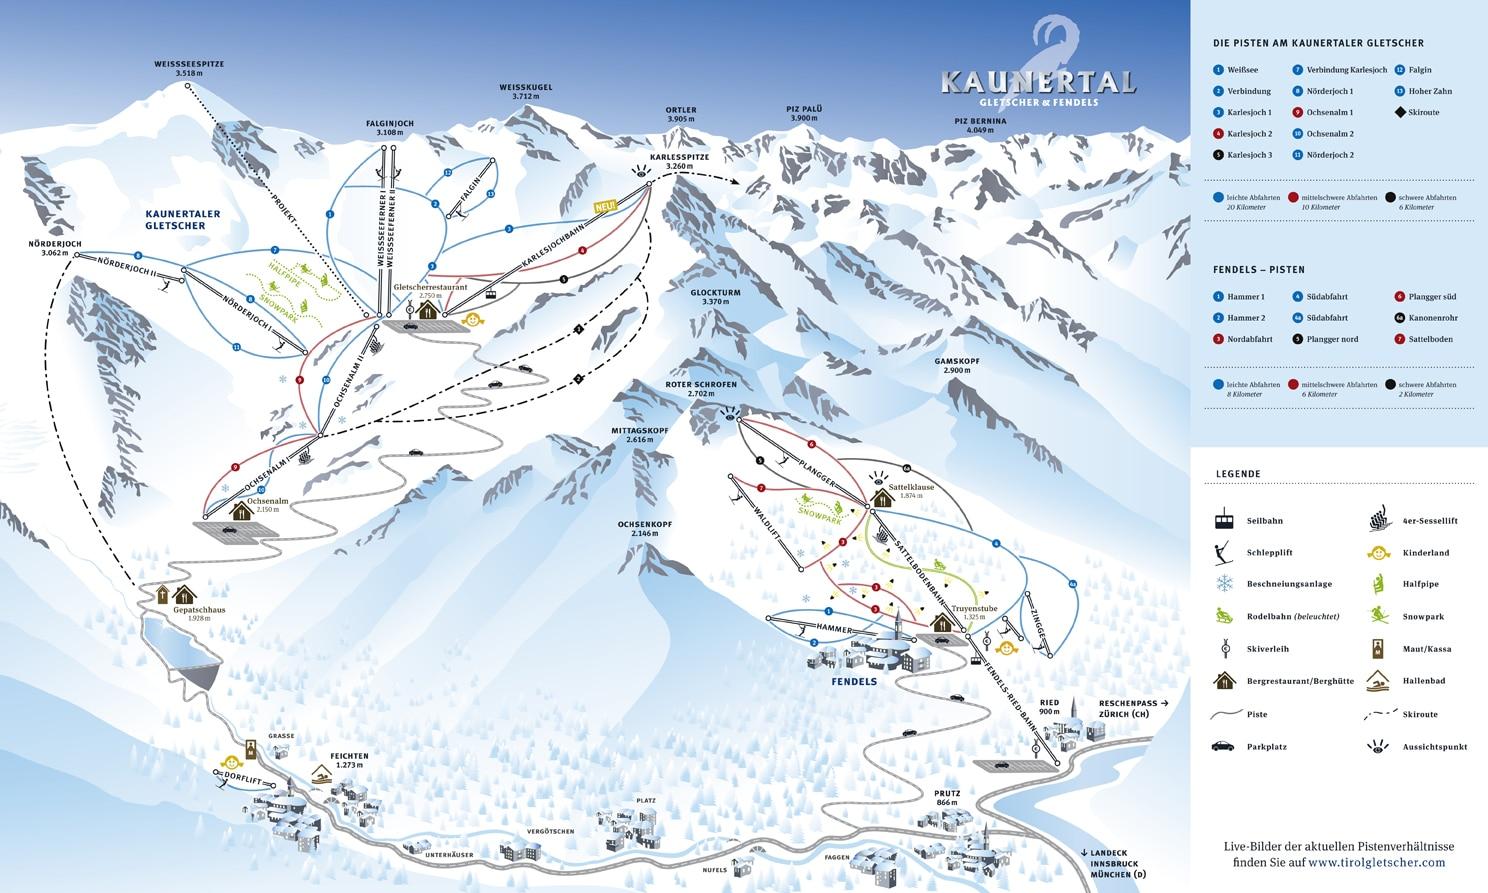 kaunertaler skigebiet ski auf tirols j ngstem gletscher. Black Bedroom Furniture Sets. Home Design Ideas